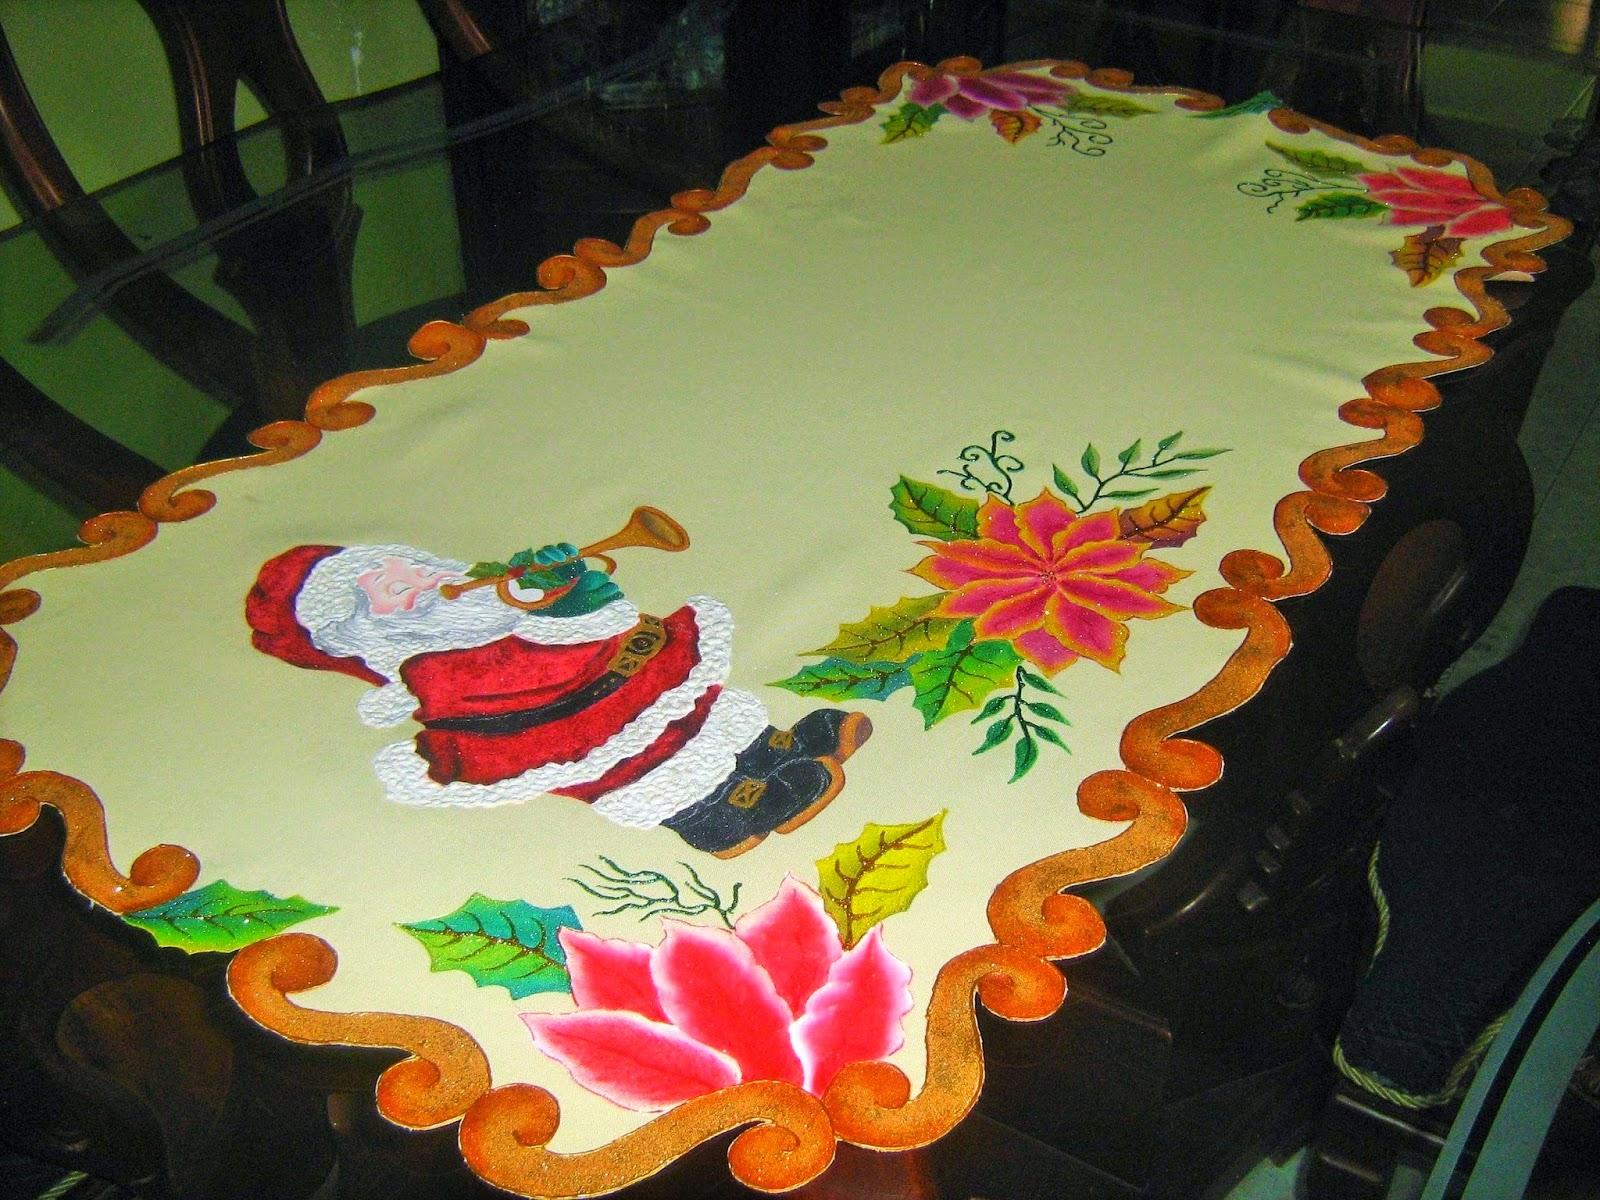 Amararte manualidades pintura en tela carpetas cuadros - Pintura en tela motivos navidenos ...